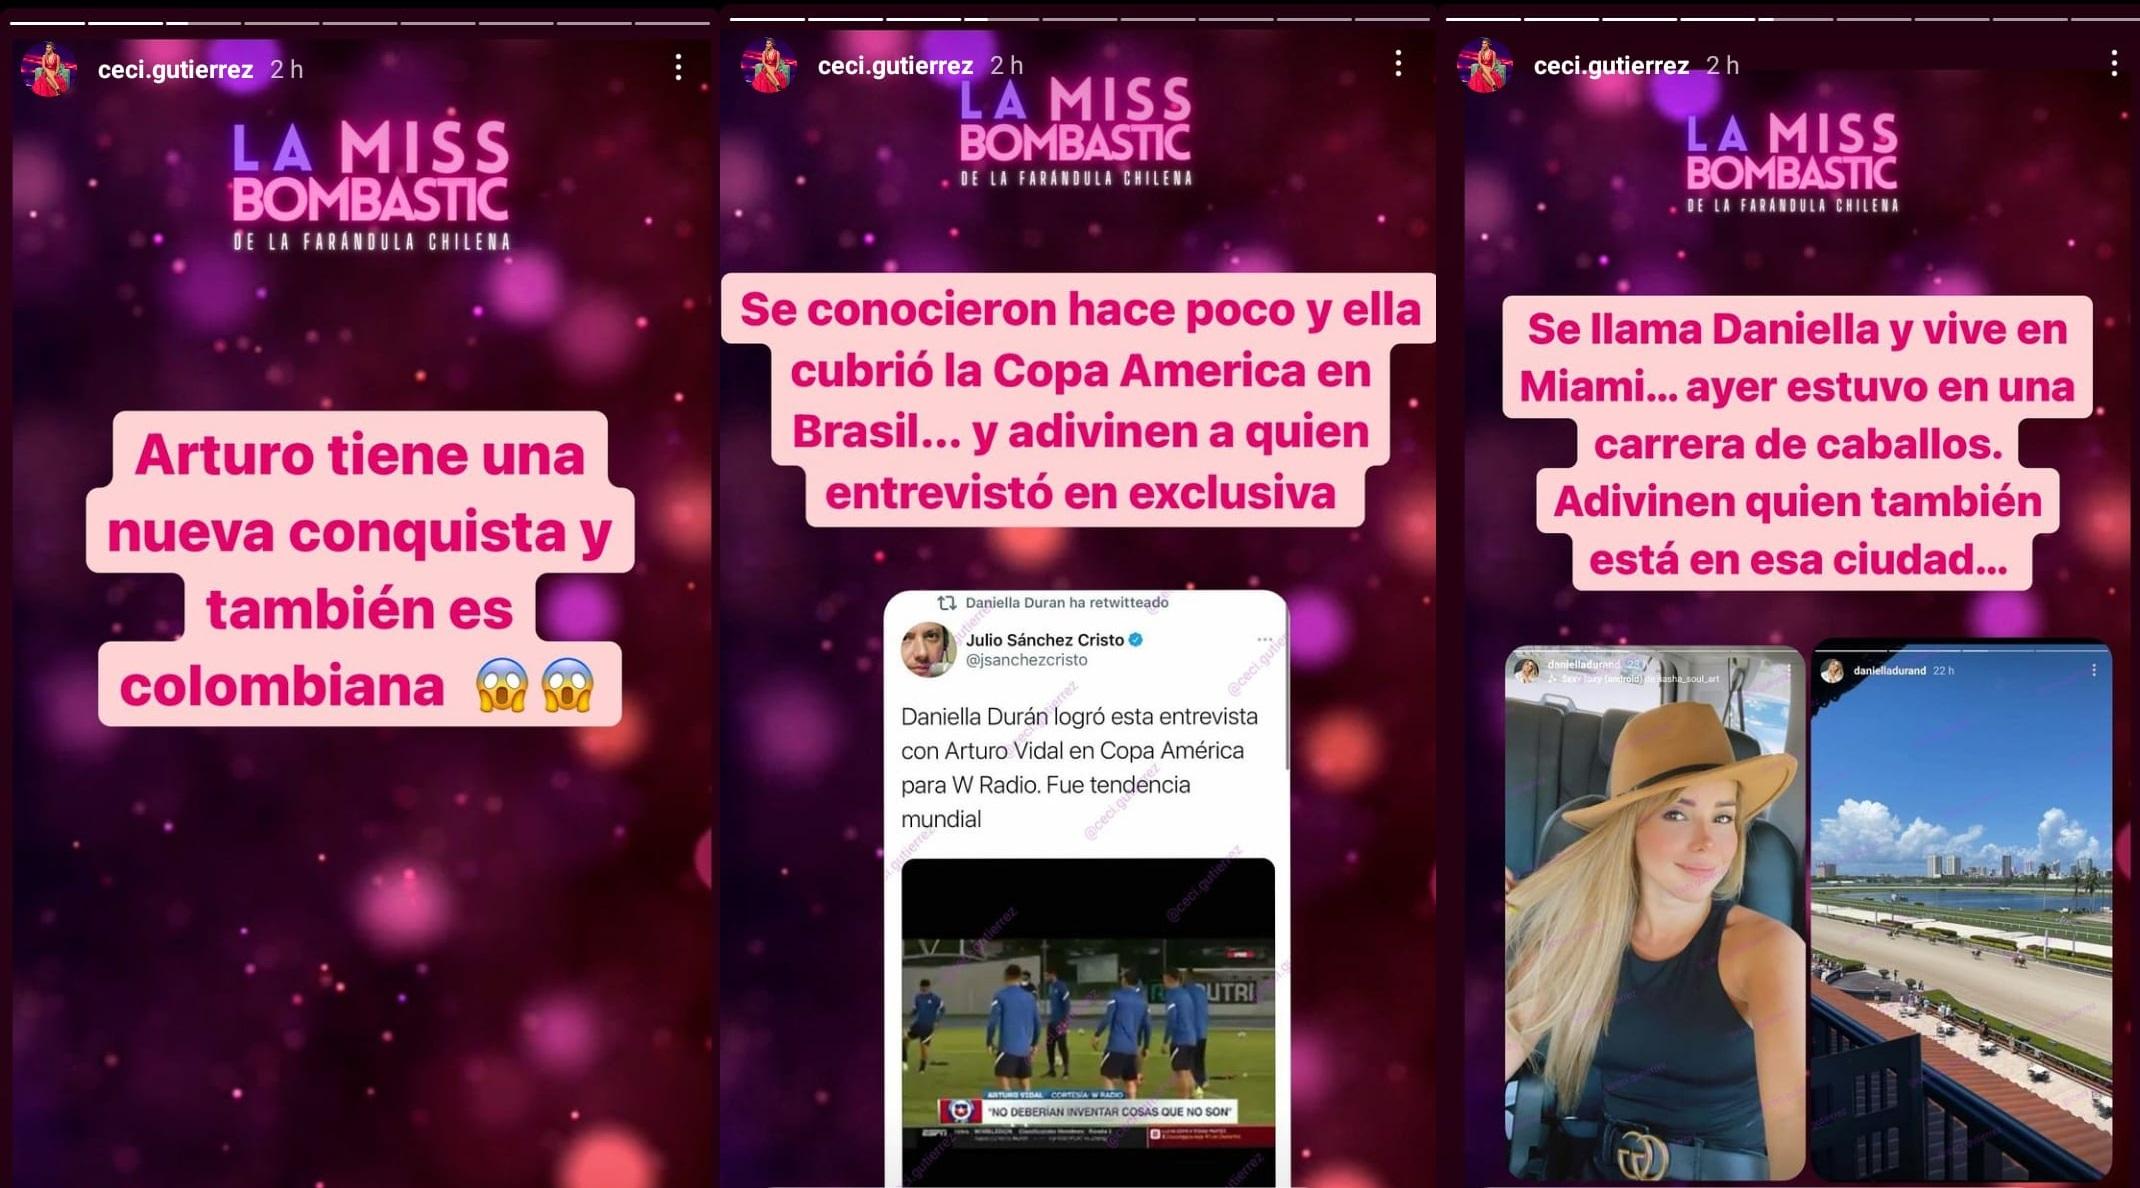 nueva conquista Arturo Vidal